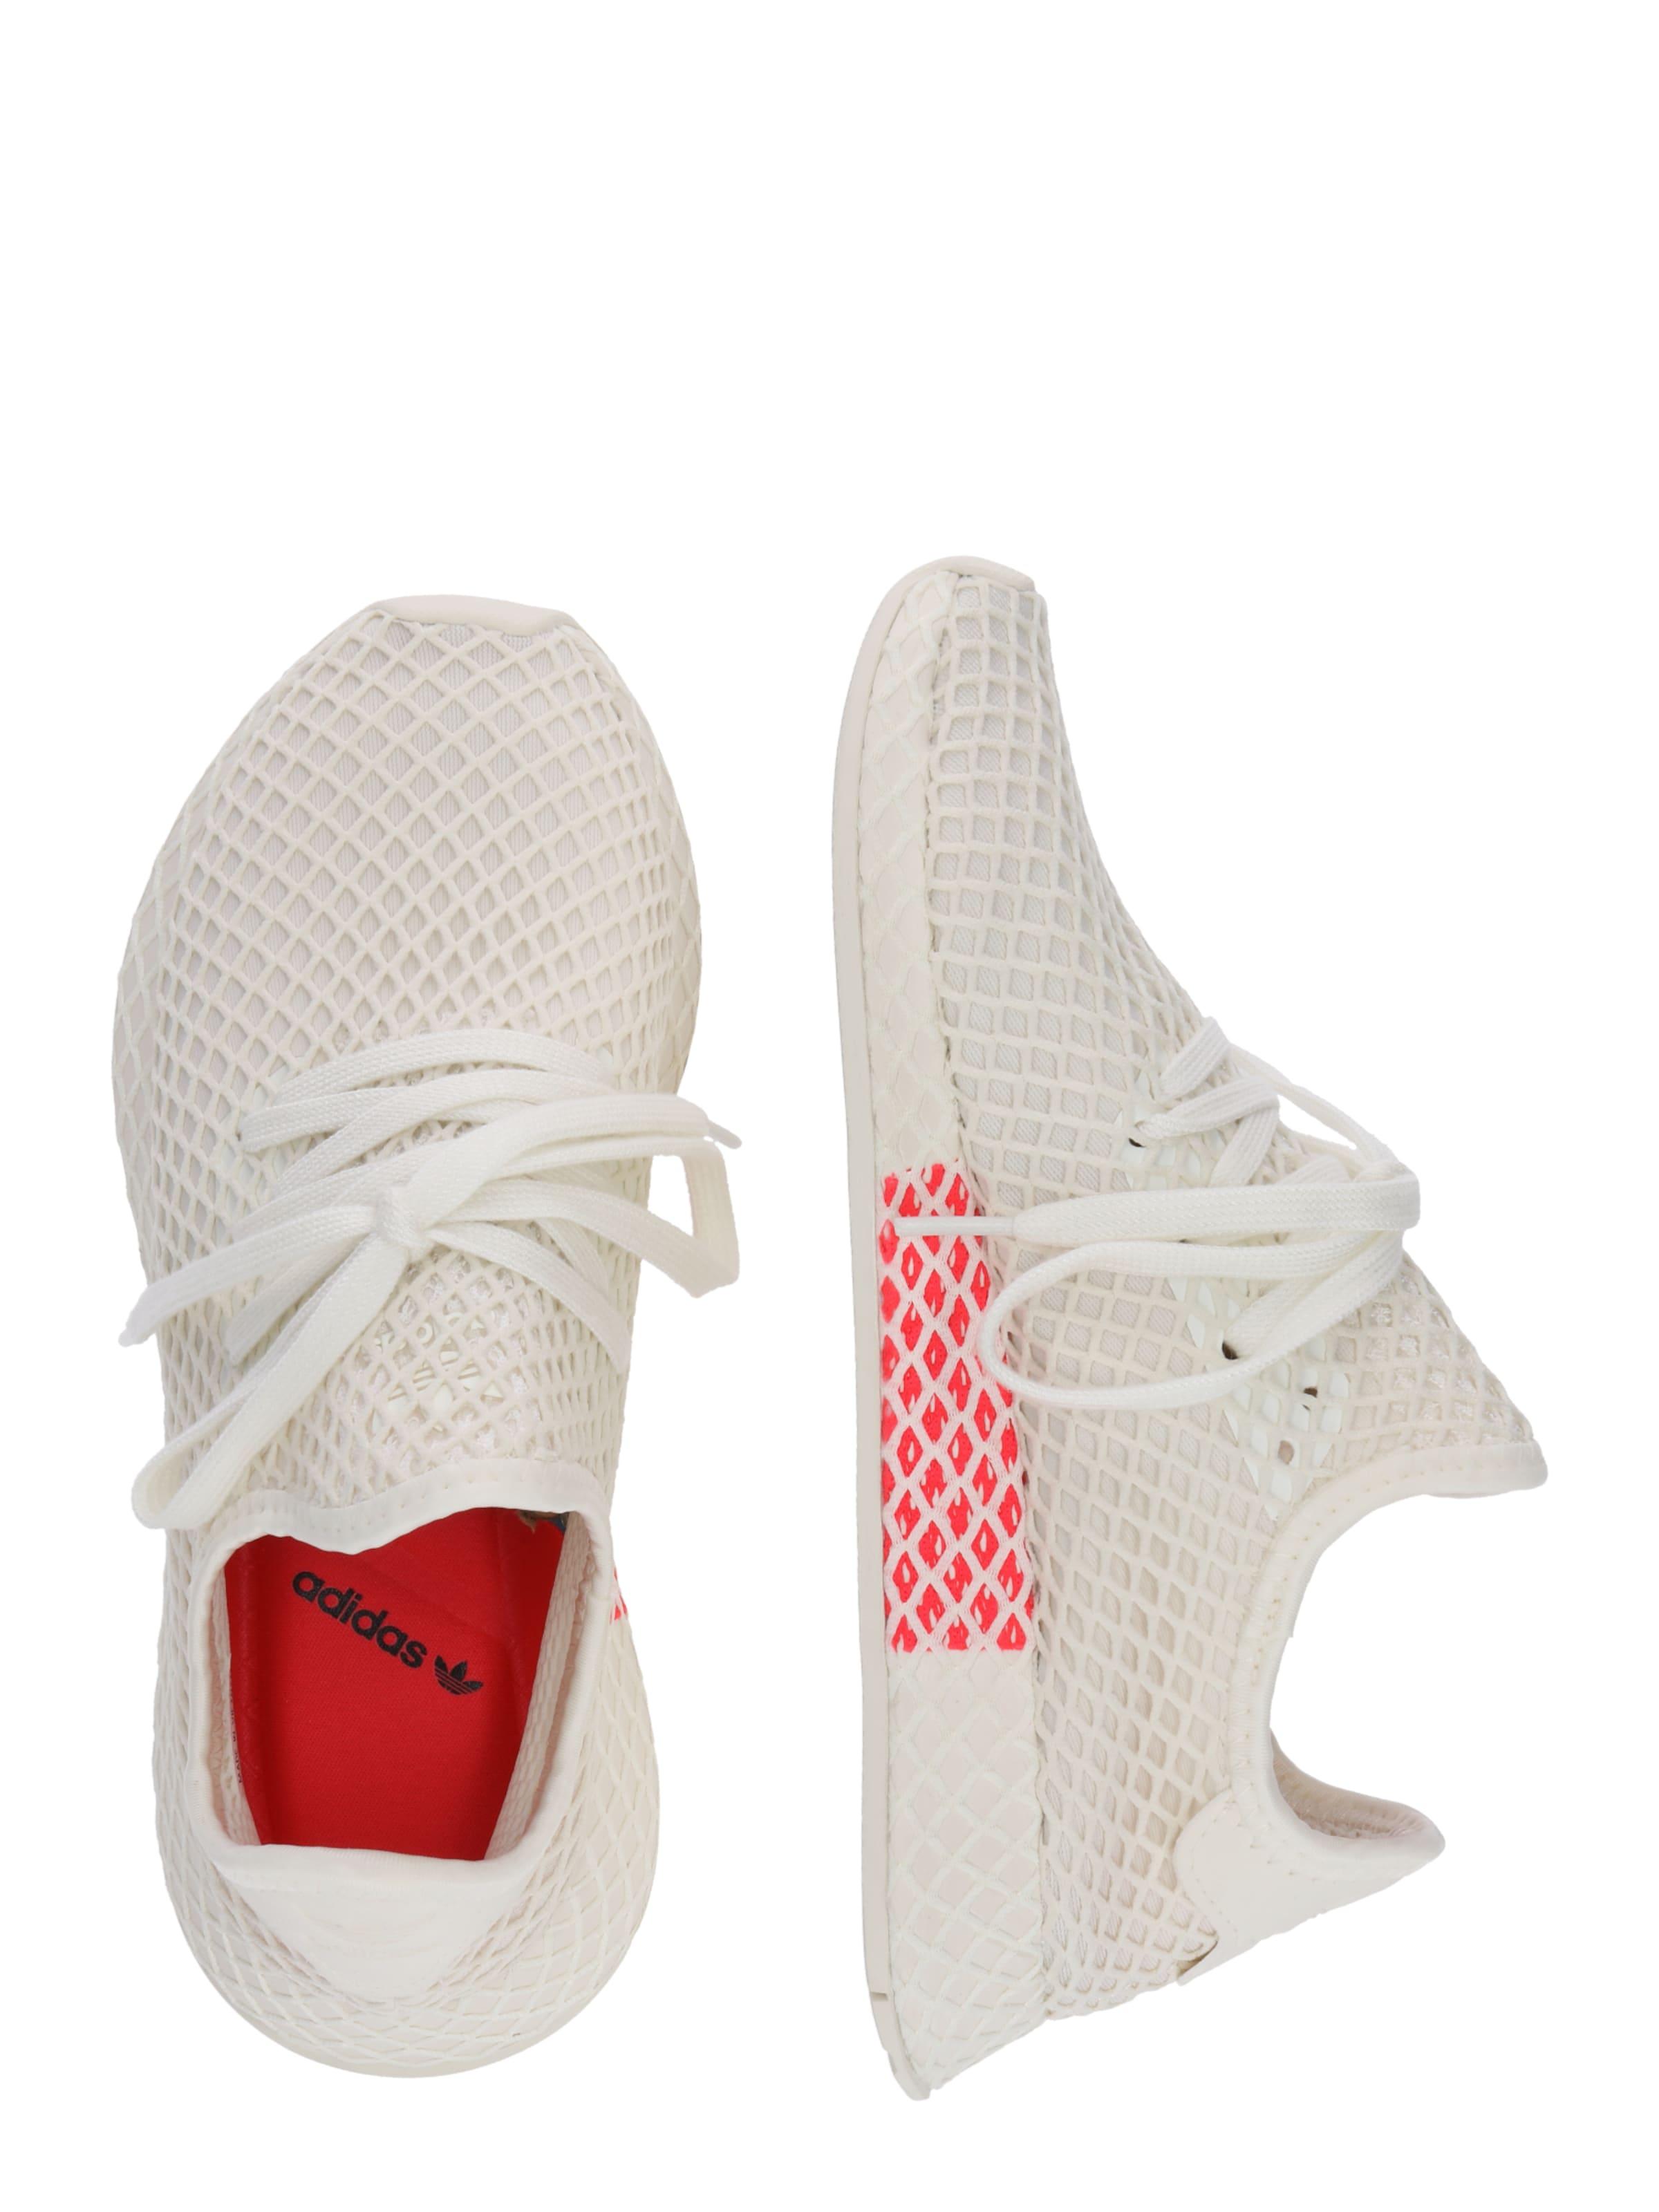 Adidas Runner' WeißOffwhite In Originals Sneaker 'deerupt wOTPkZiXu